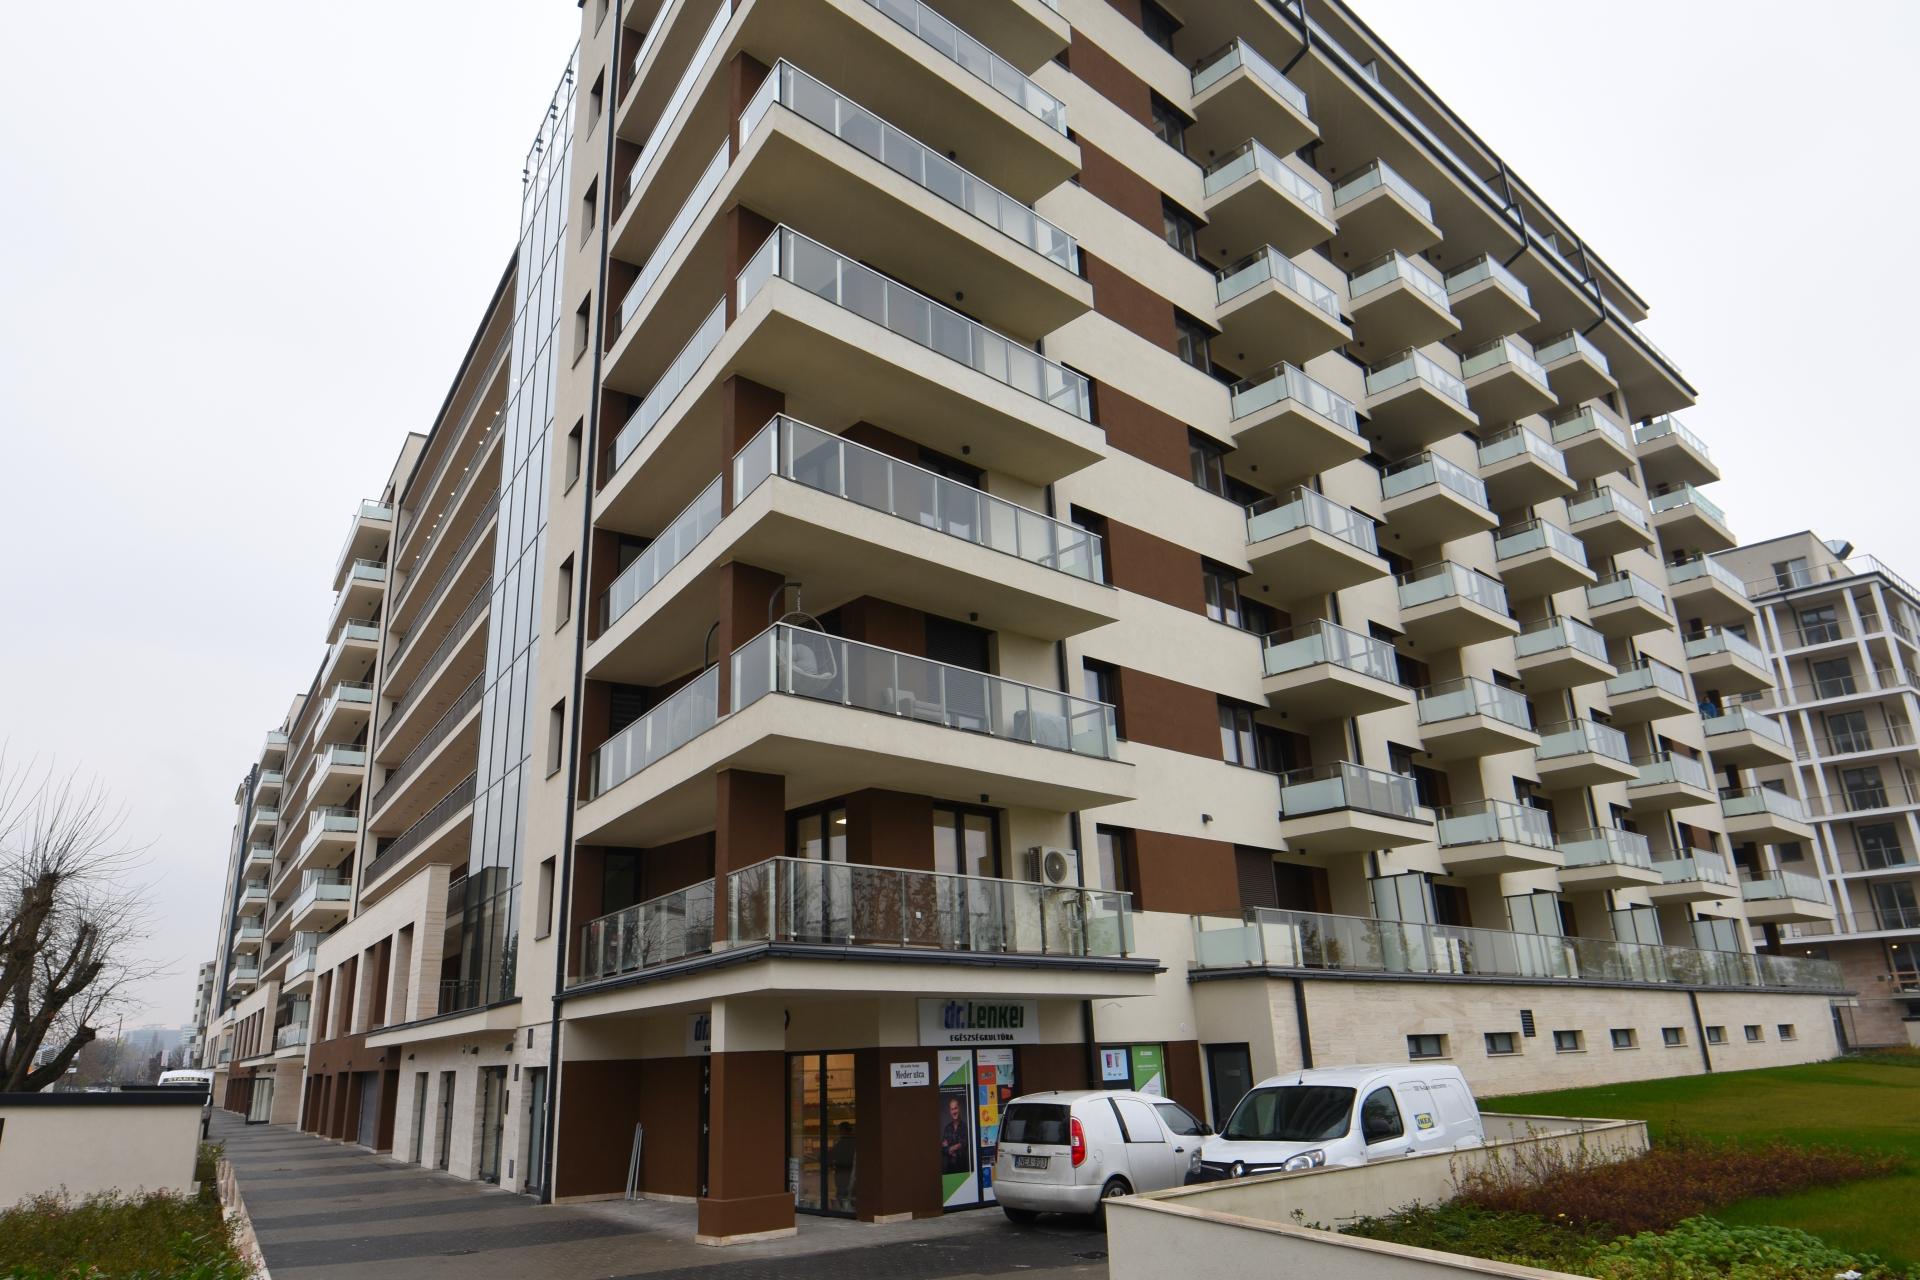 District 13, Meder utca 2-4.